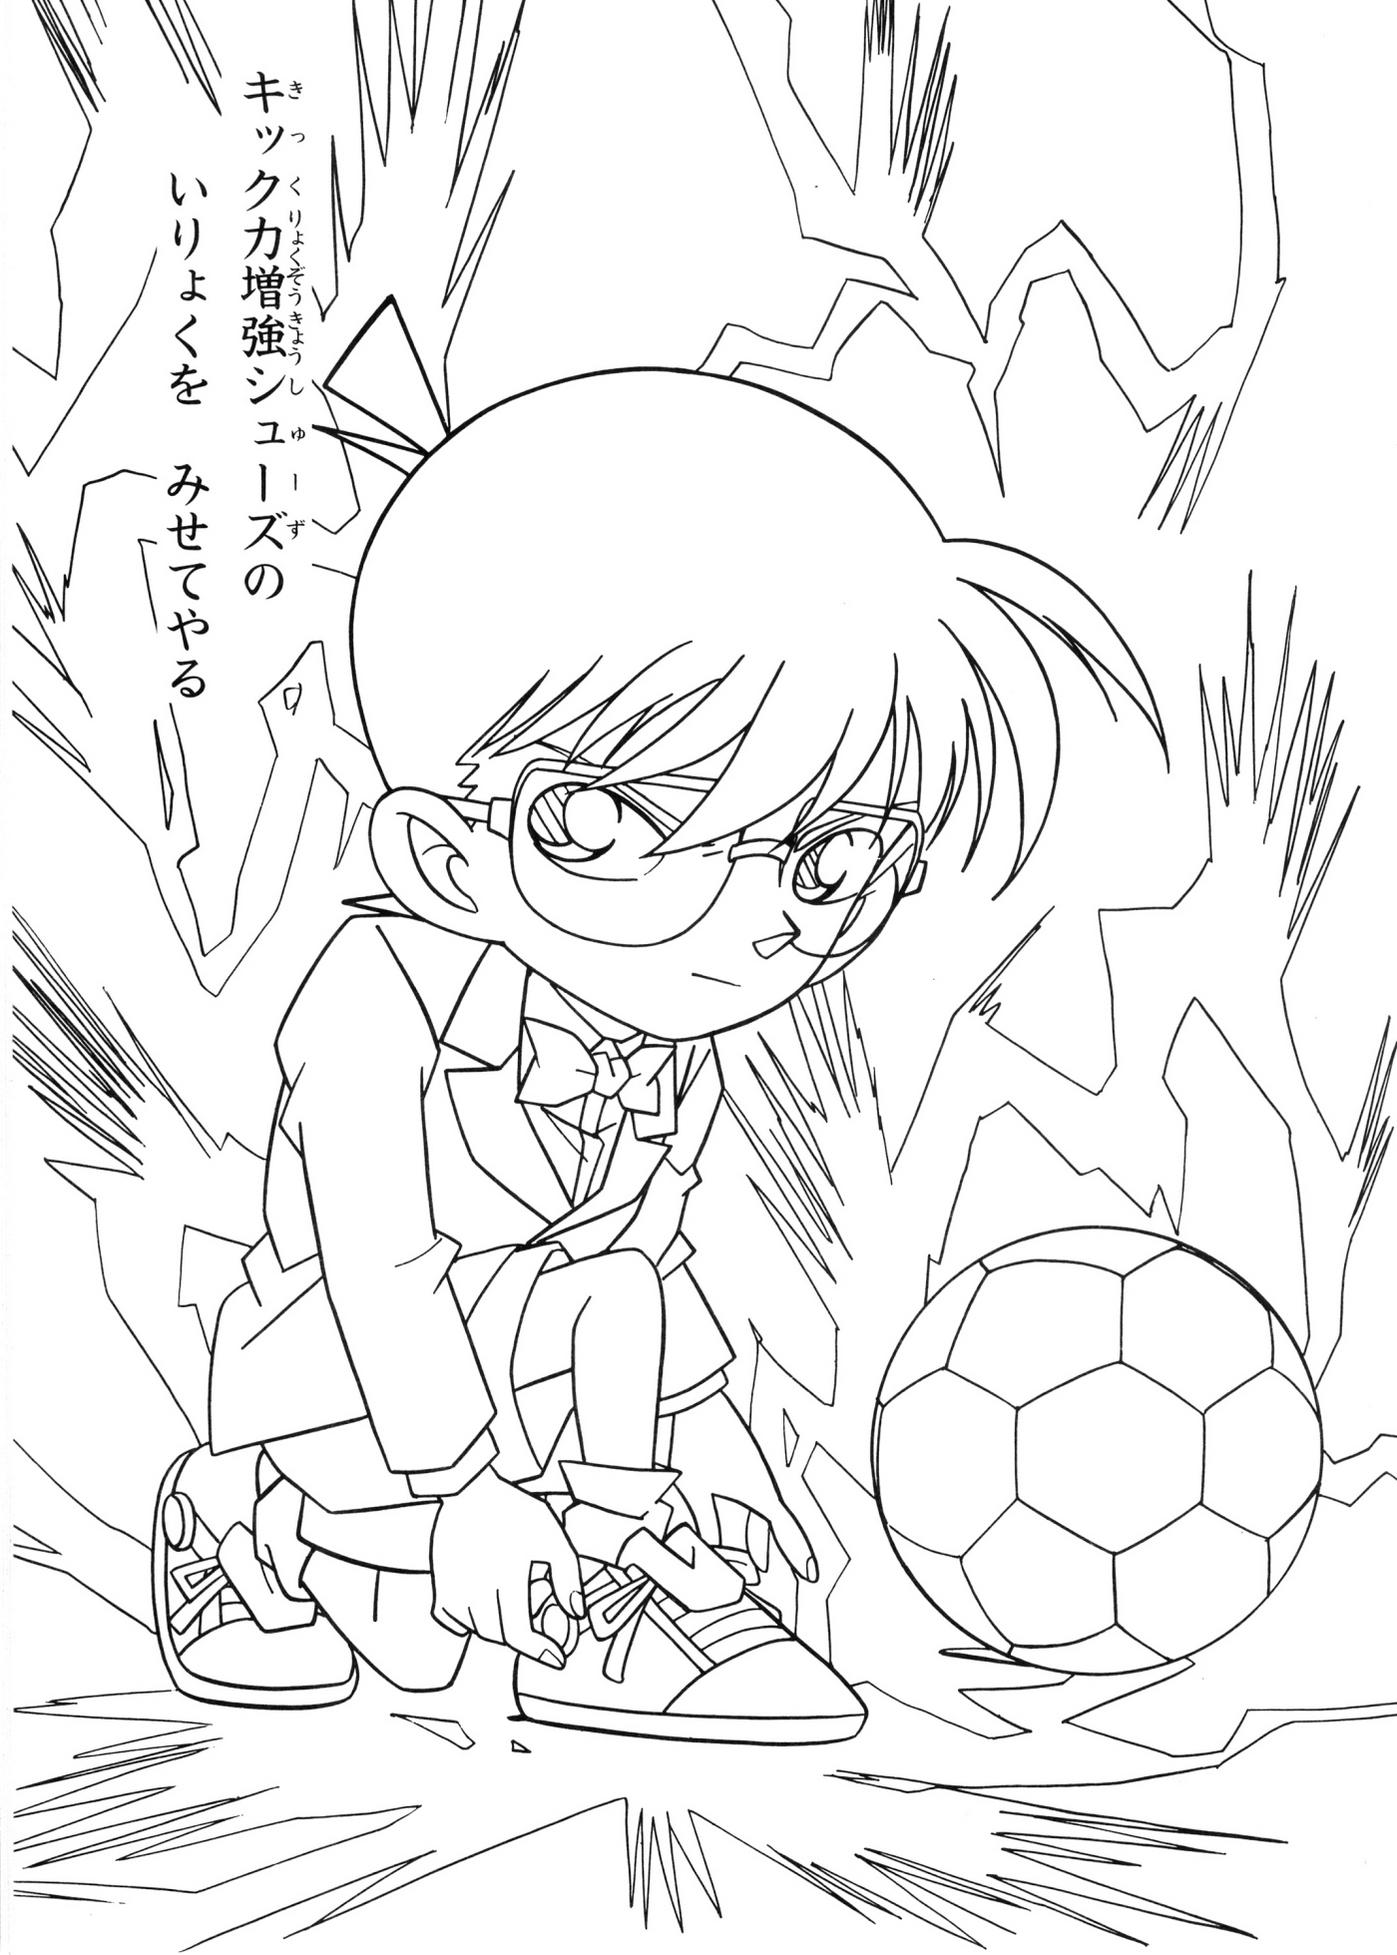 Detective_Conan_action_coloring_sheet